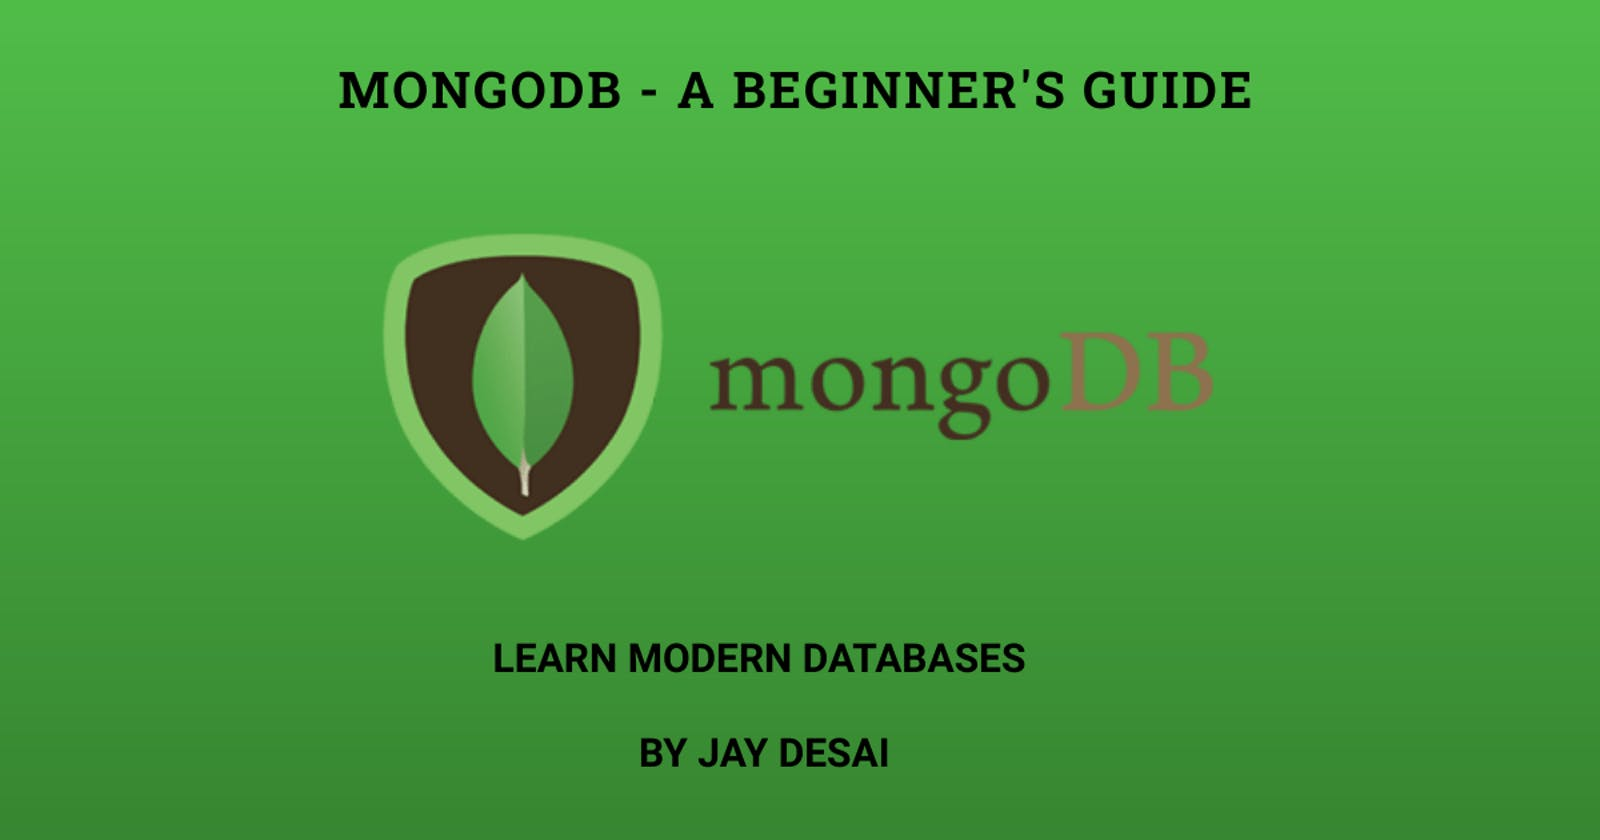 MongoDB - A Beginner's Guide